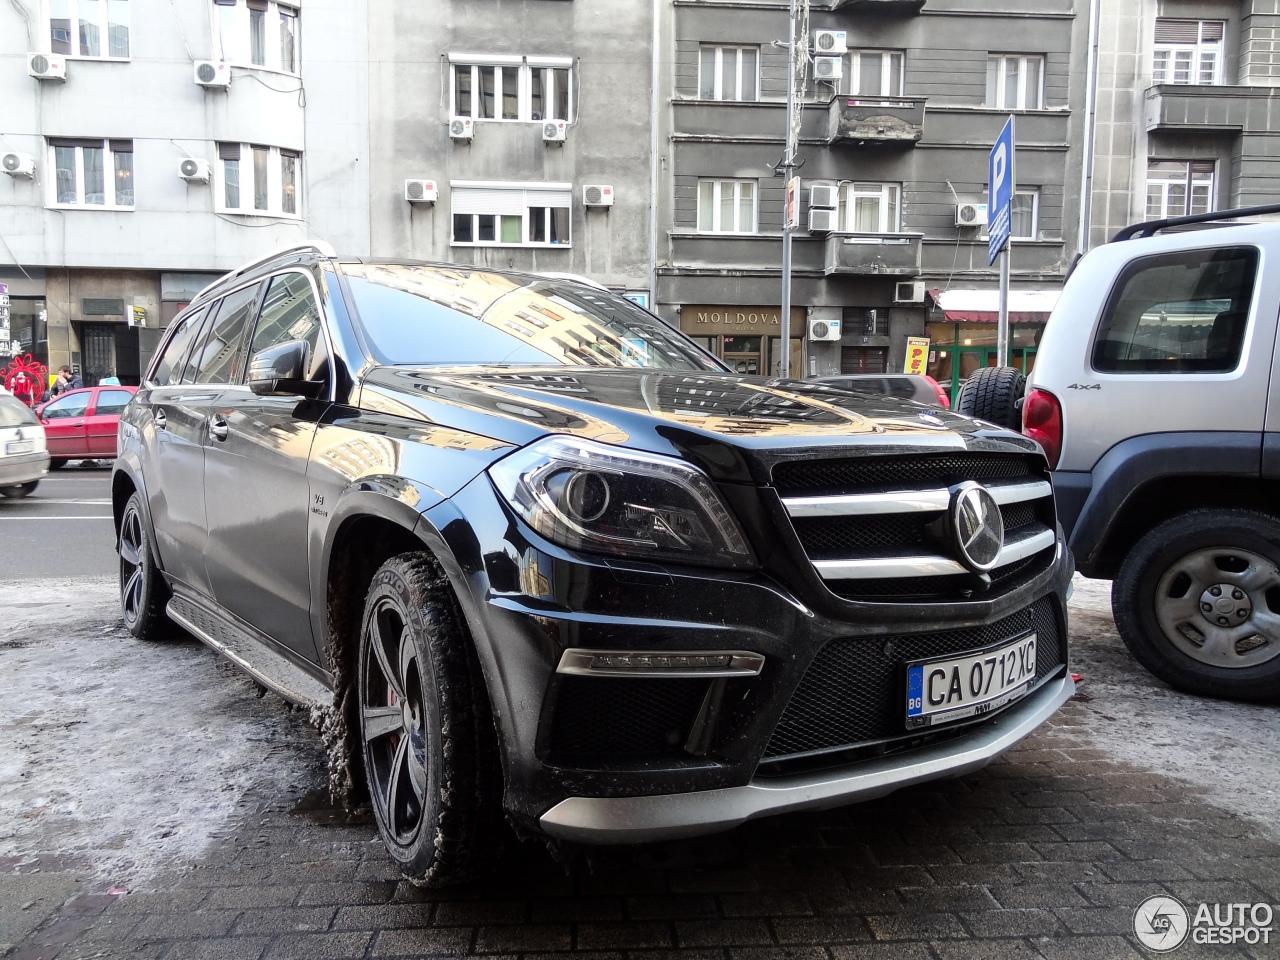 Mercedes benz gl 63 amg x166 5 januari 2015 autogespot for Mercedes benz gl amg 2015